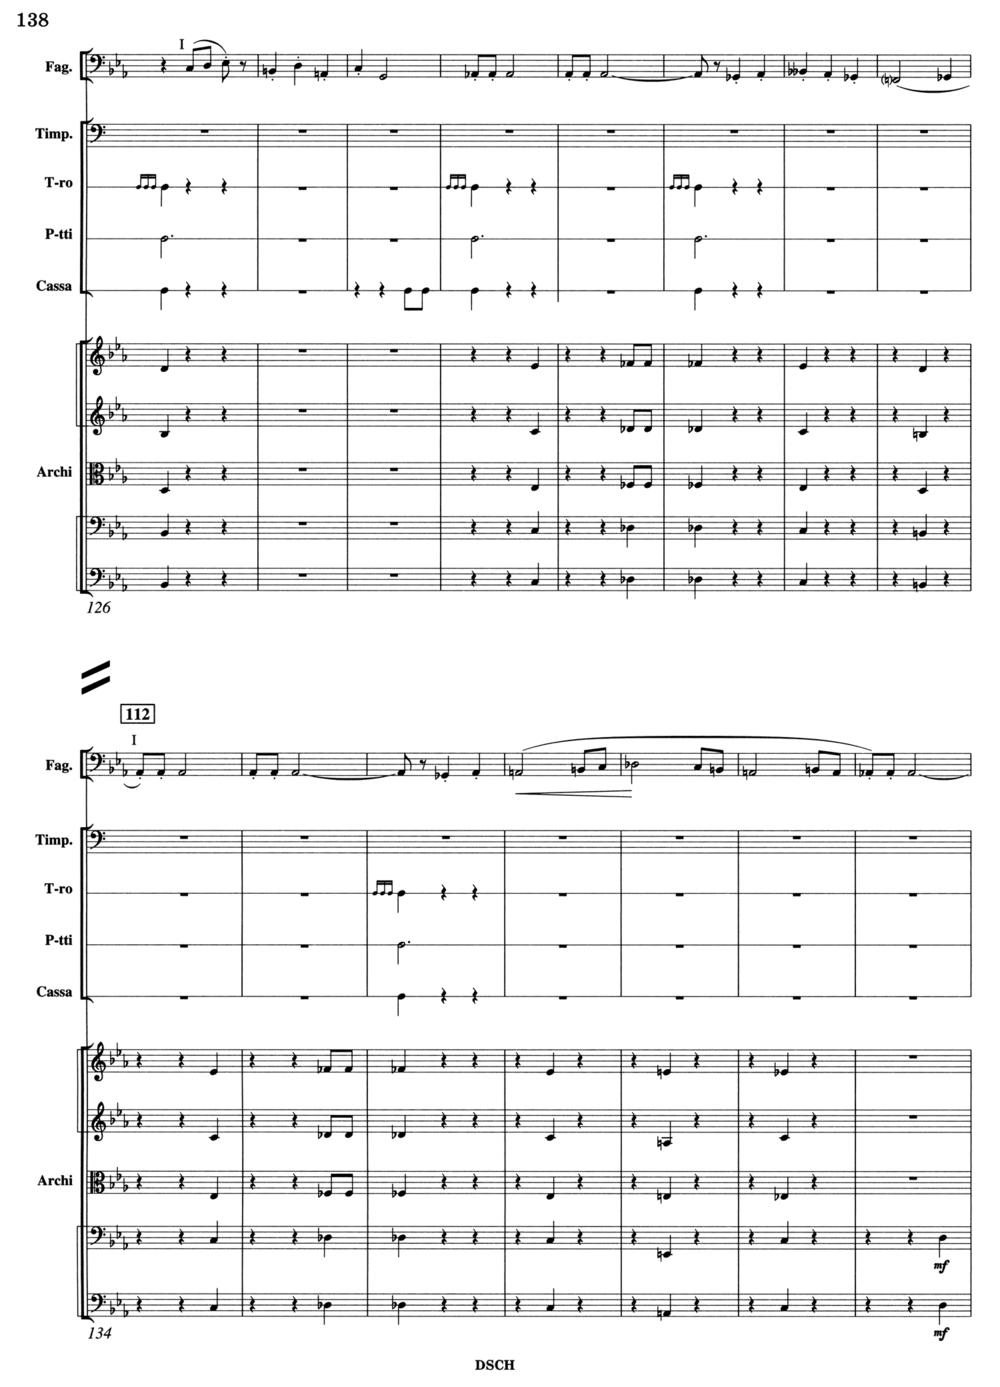 Shostakovich_10_Mvt_3_Score_2.jpg